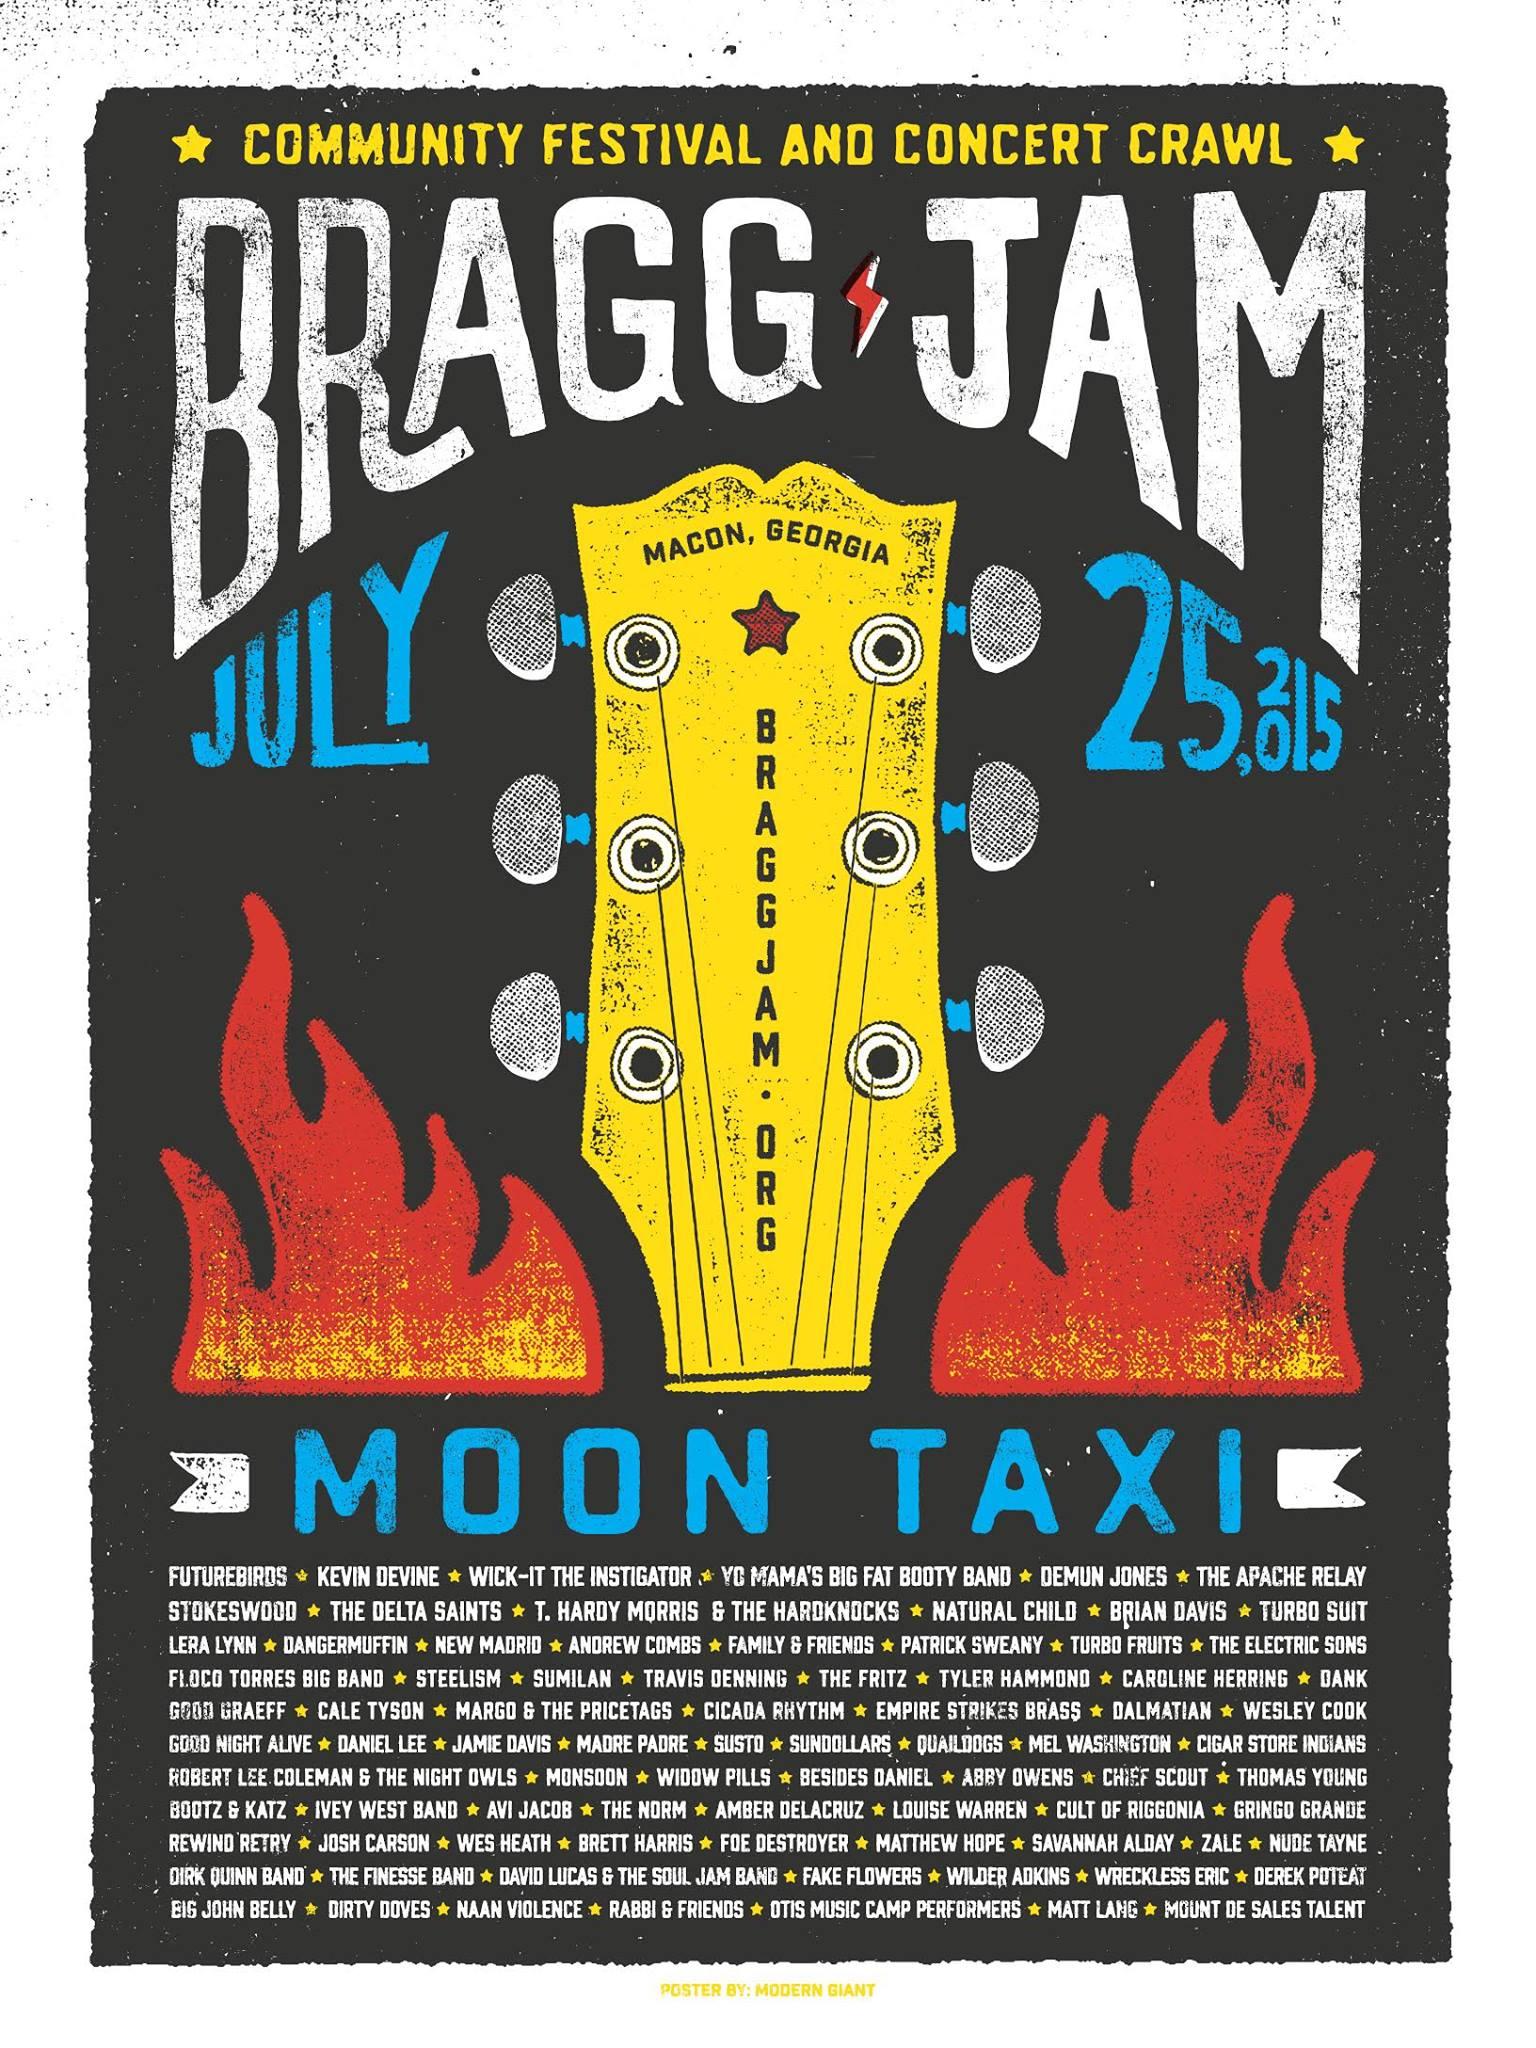 2015 Bragg Jam Festival Concert Crawl Lineup